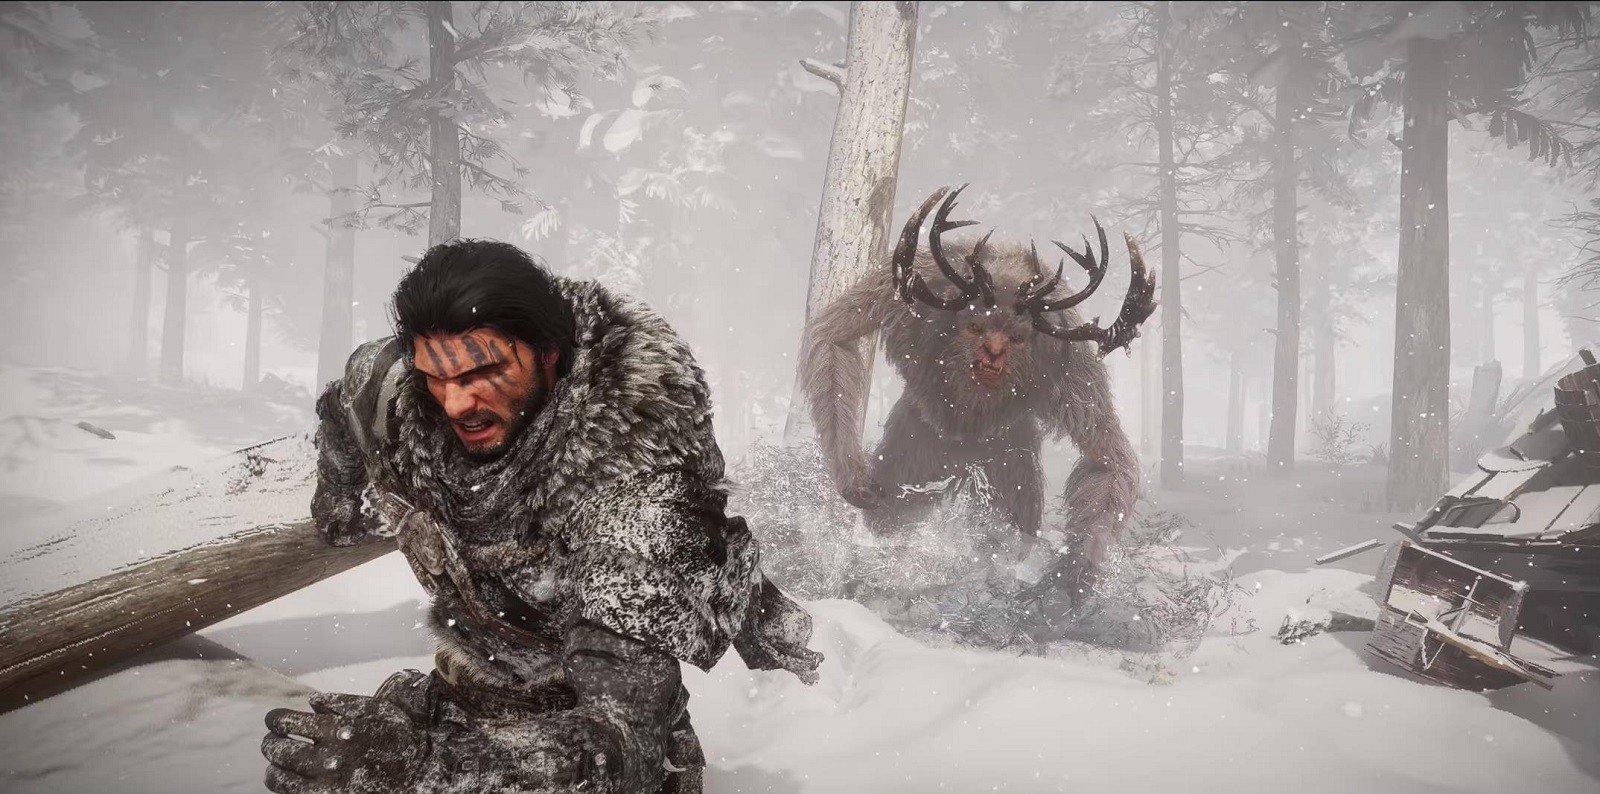 Новый Left 4 Dead и перезапуск Dragon Age главные результаты и анонсы The Game Awards 2020